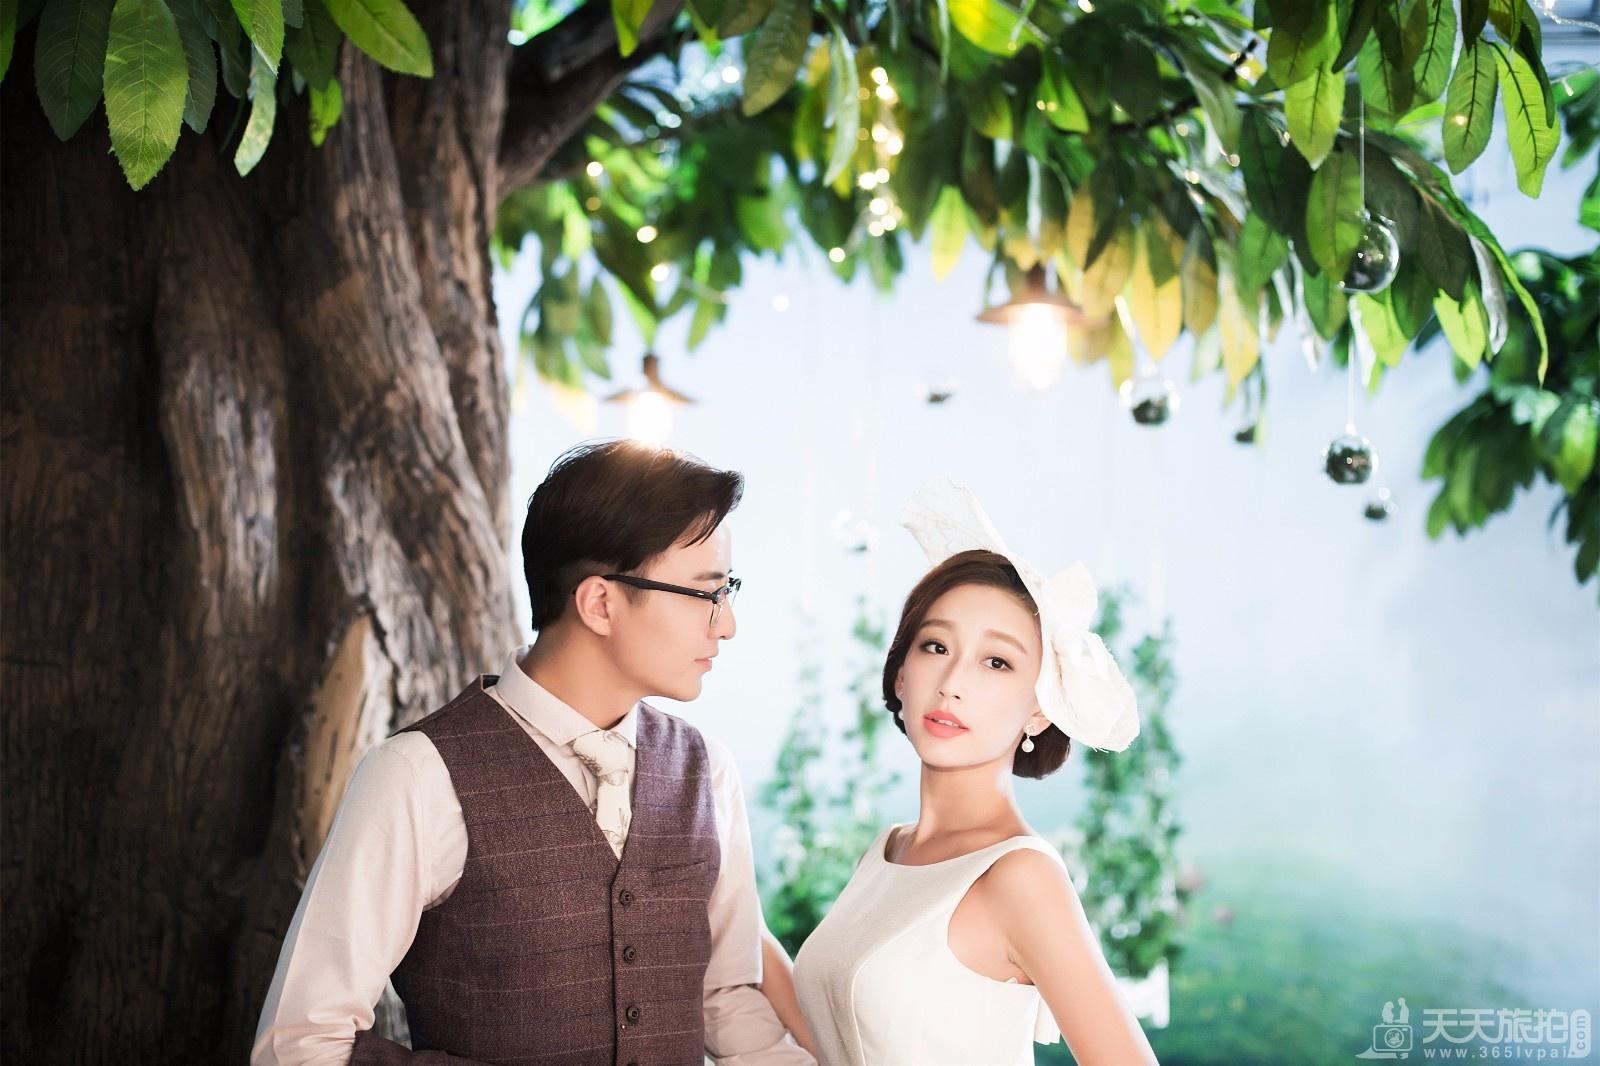 婚礼主持词开场白以及主持人的作用